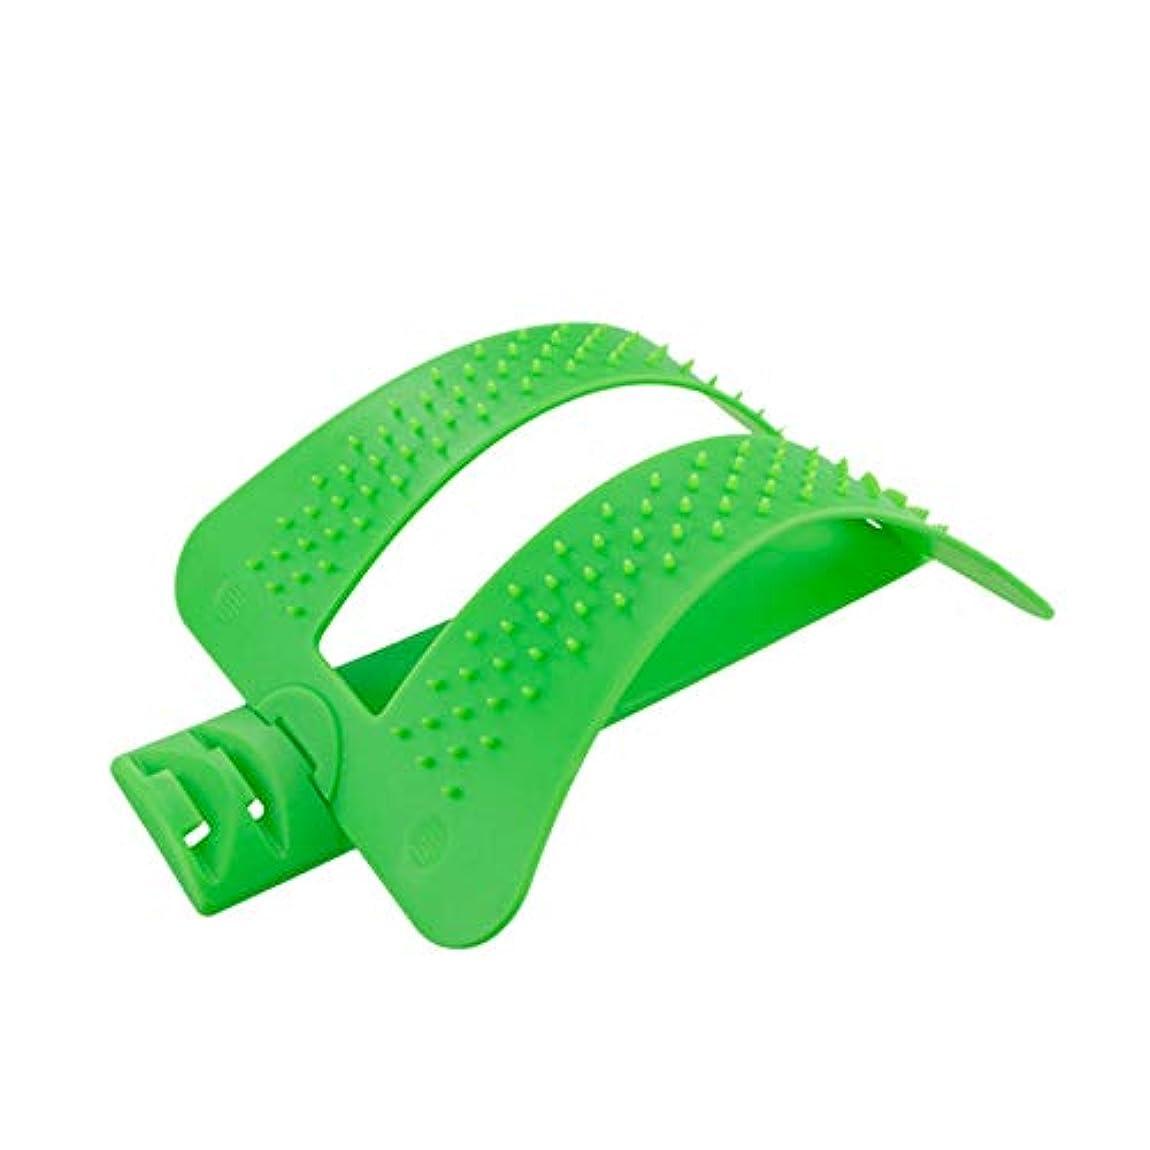 楽しい切り離すバッテリーSODIAL 背中のマッサージストレッチング装置 背中のマッサージ 指圧ストレッチャーフィットネス機器 ストレッチリラックス メイトストレッチャー腰椎サポート 脊椎の痛みを和らげるカイロプラクティック(グリーン)